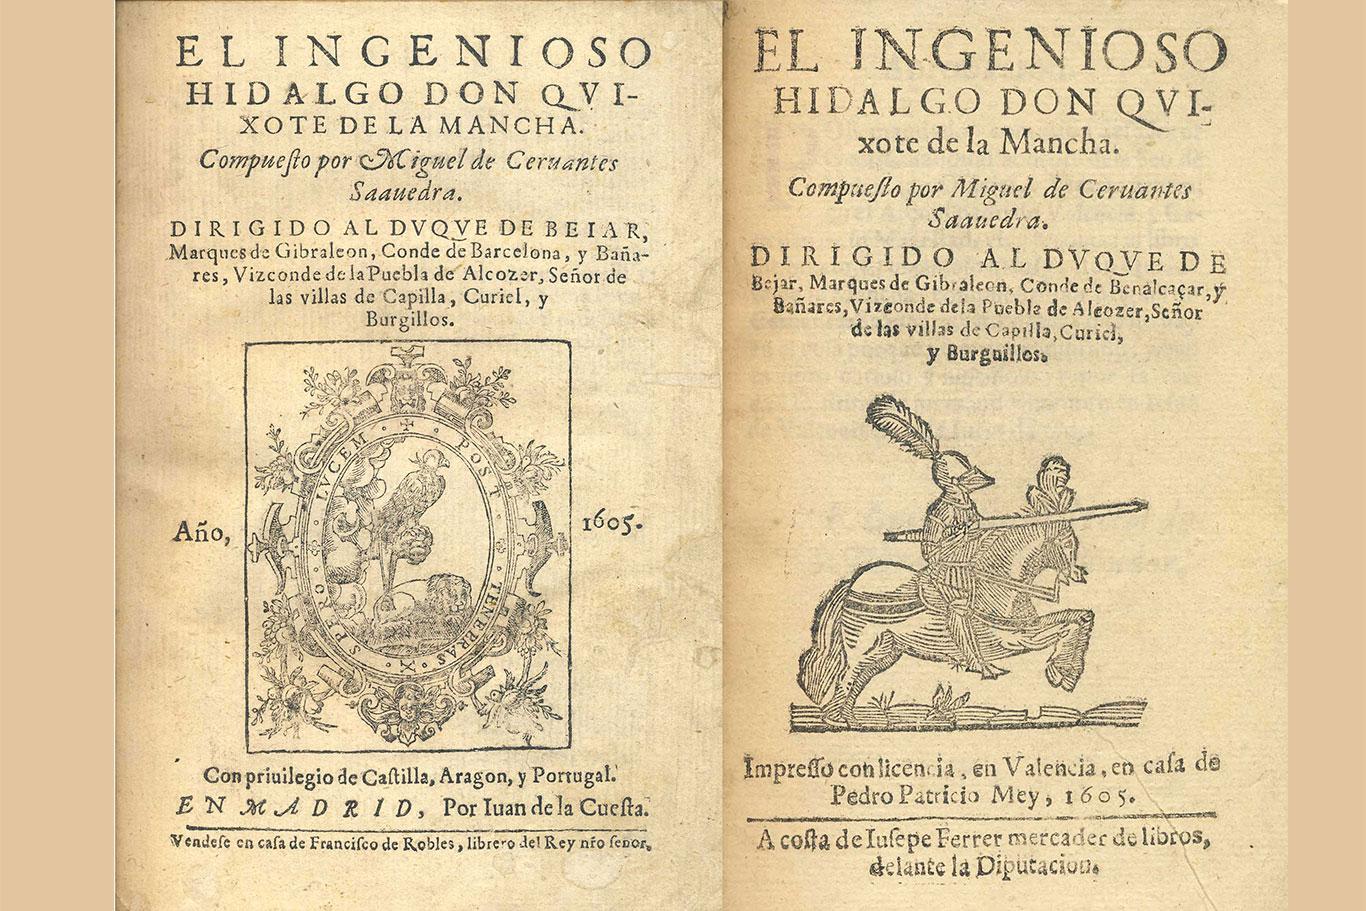 16 de enero de 1605: se publica El ingenioso hidalgo Don Quijote de la Mancha - Dream Alcalá